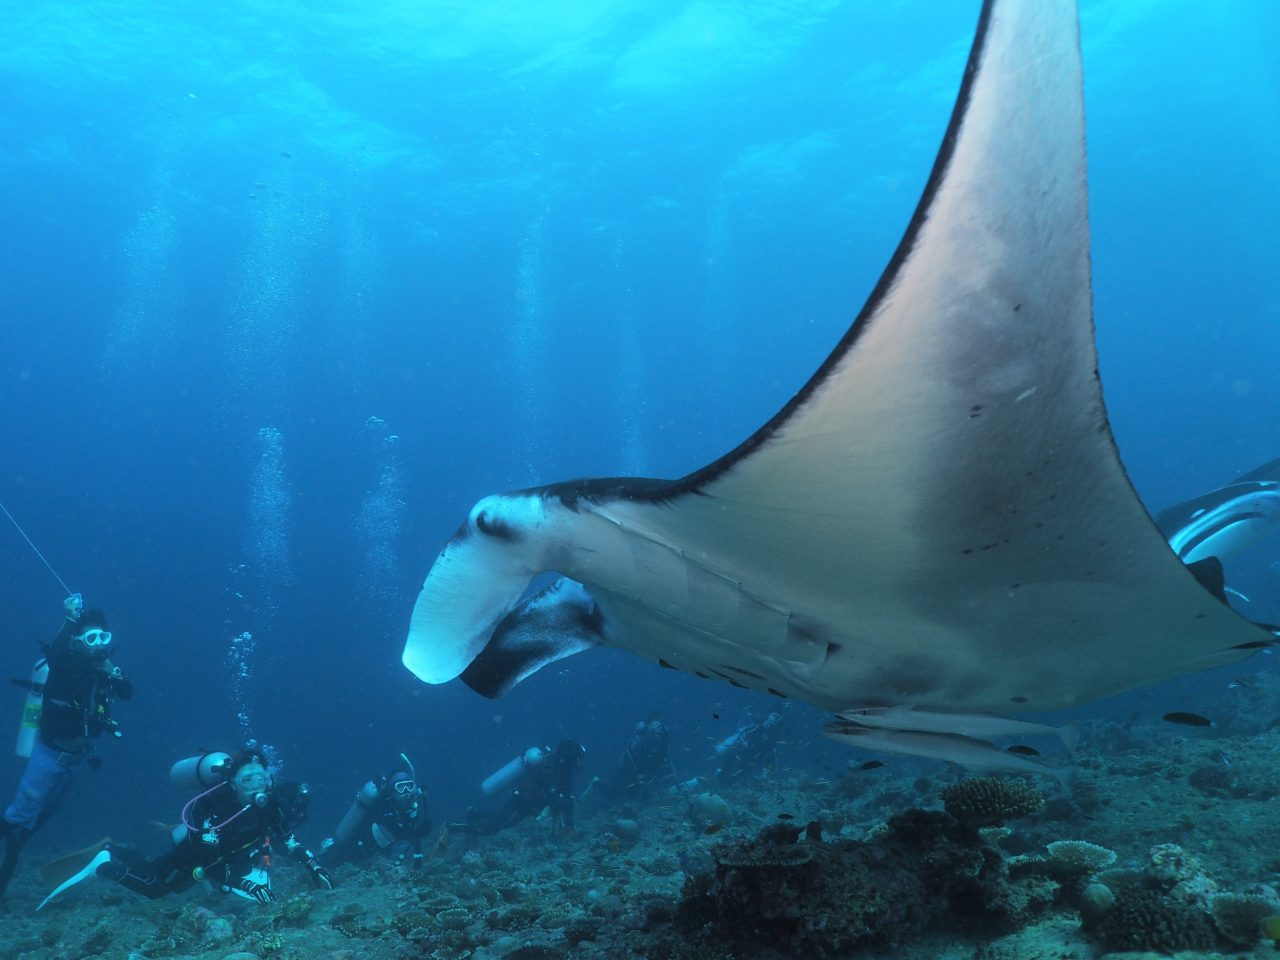 モルディブ・アリ環礁のランガリ・マディバルでマンタの接写